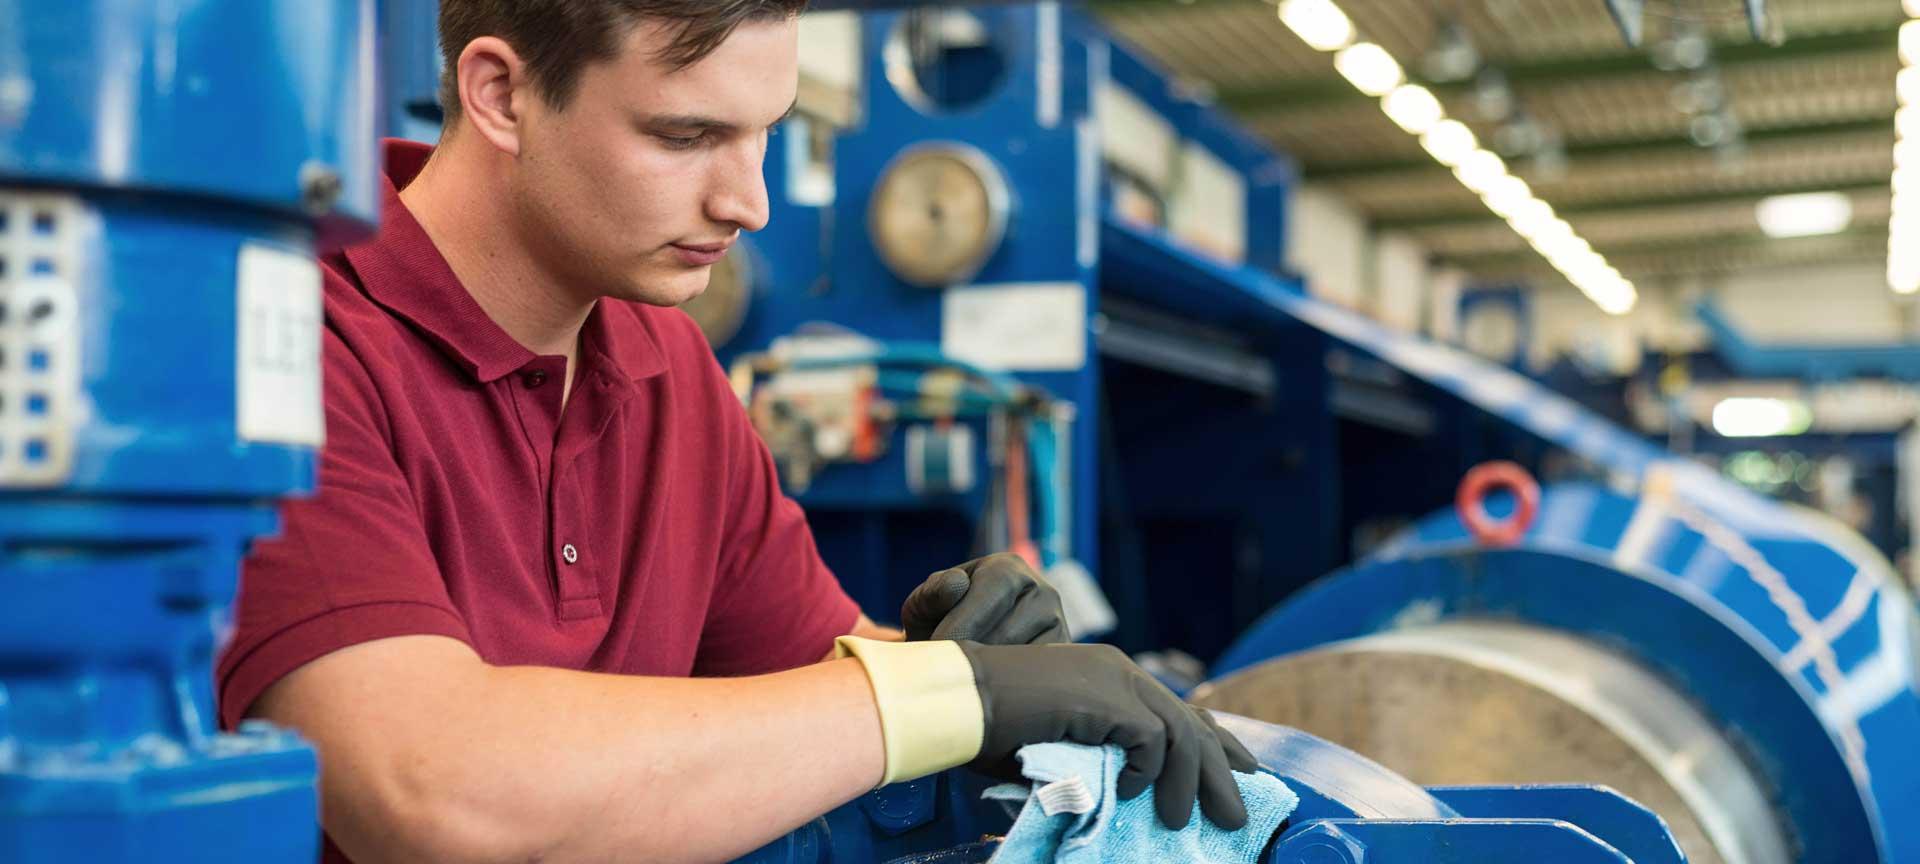 Ein schmaler Bildausschnitt von einem jungen Mann in einem roten Poloshirt, der Industriemaschinen reinigt.